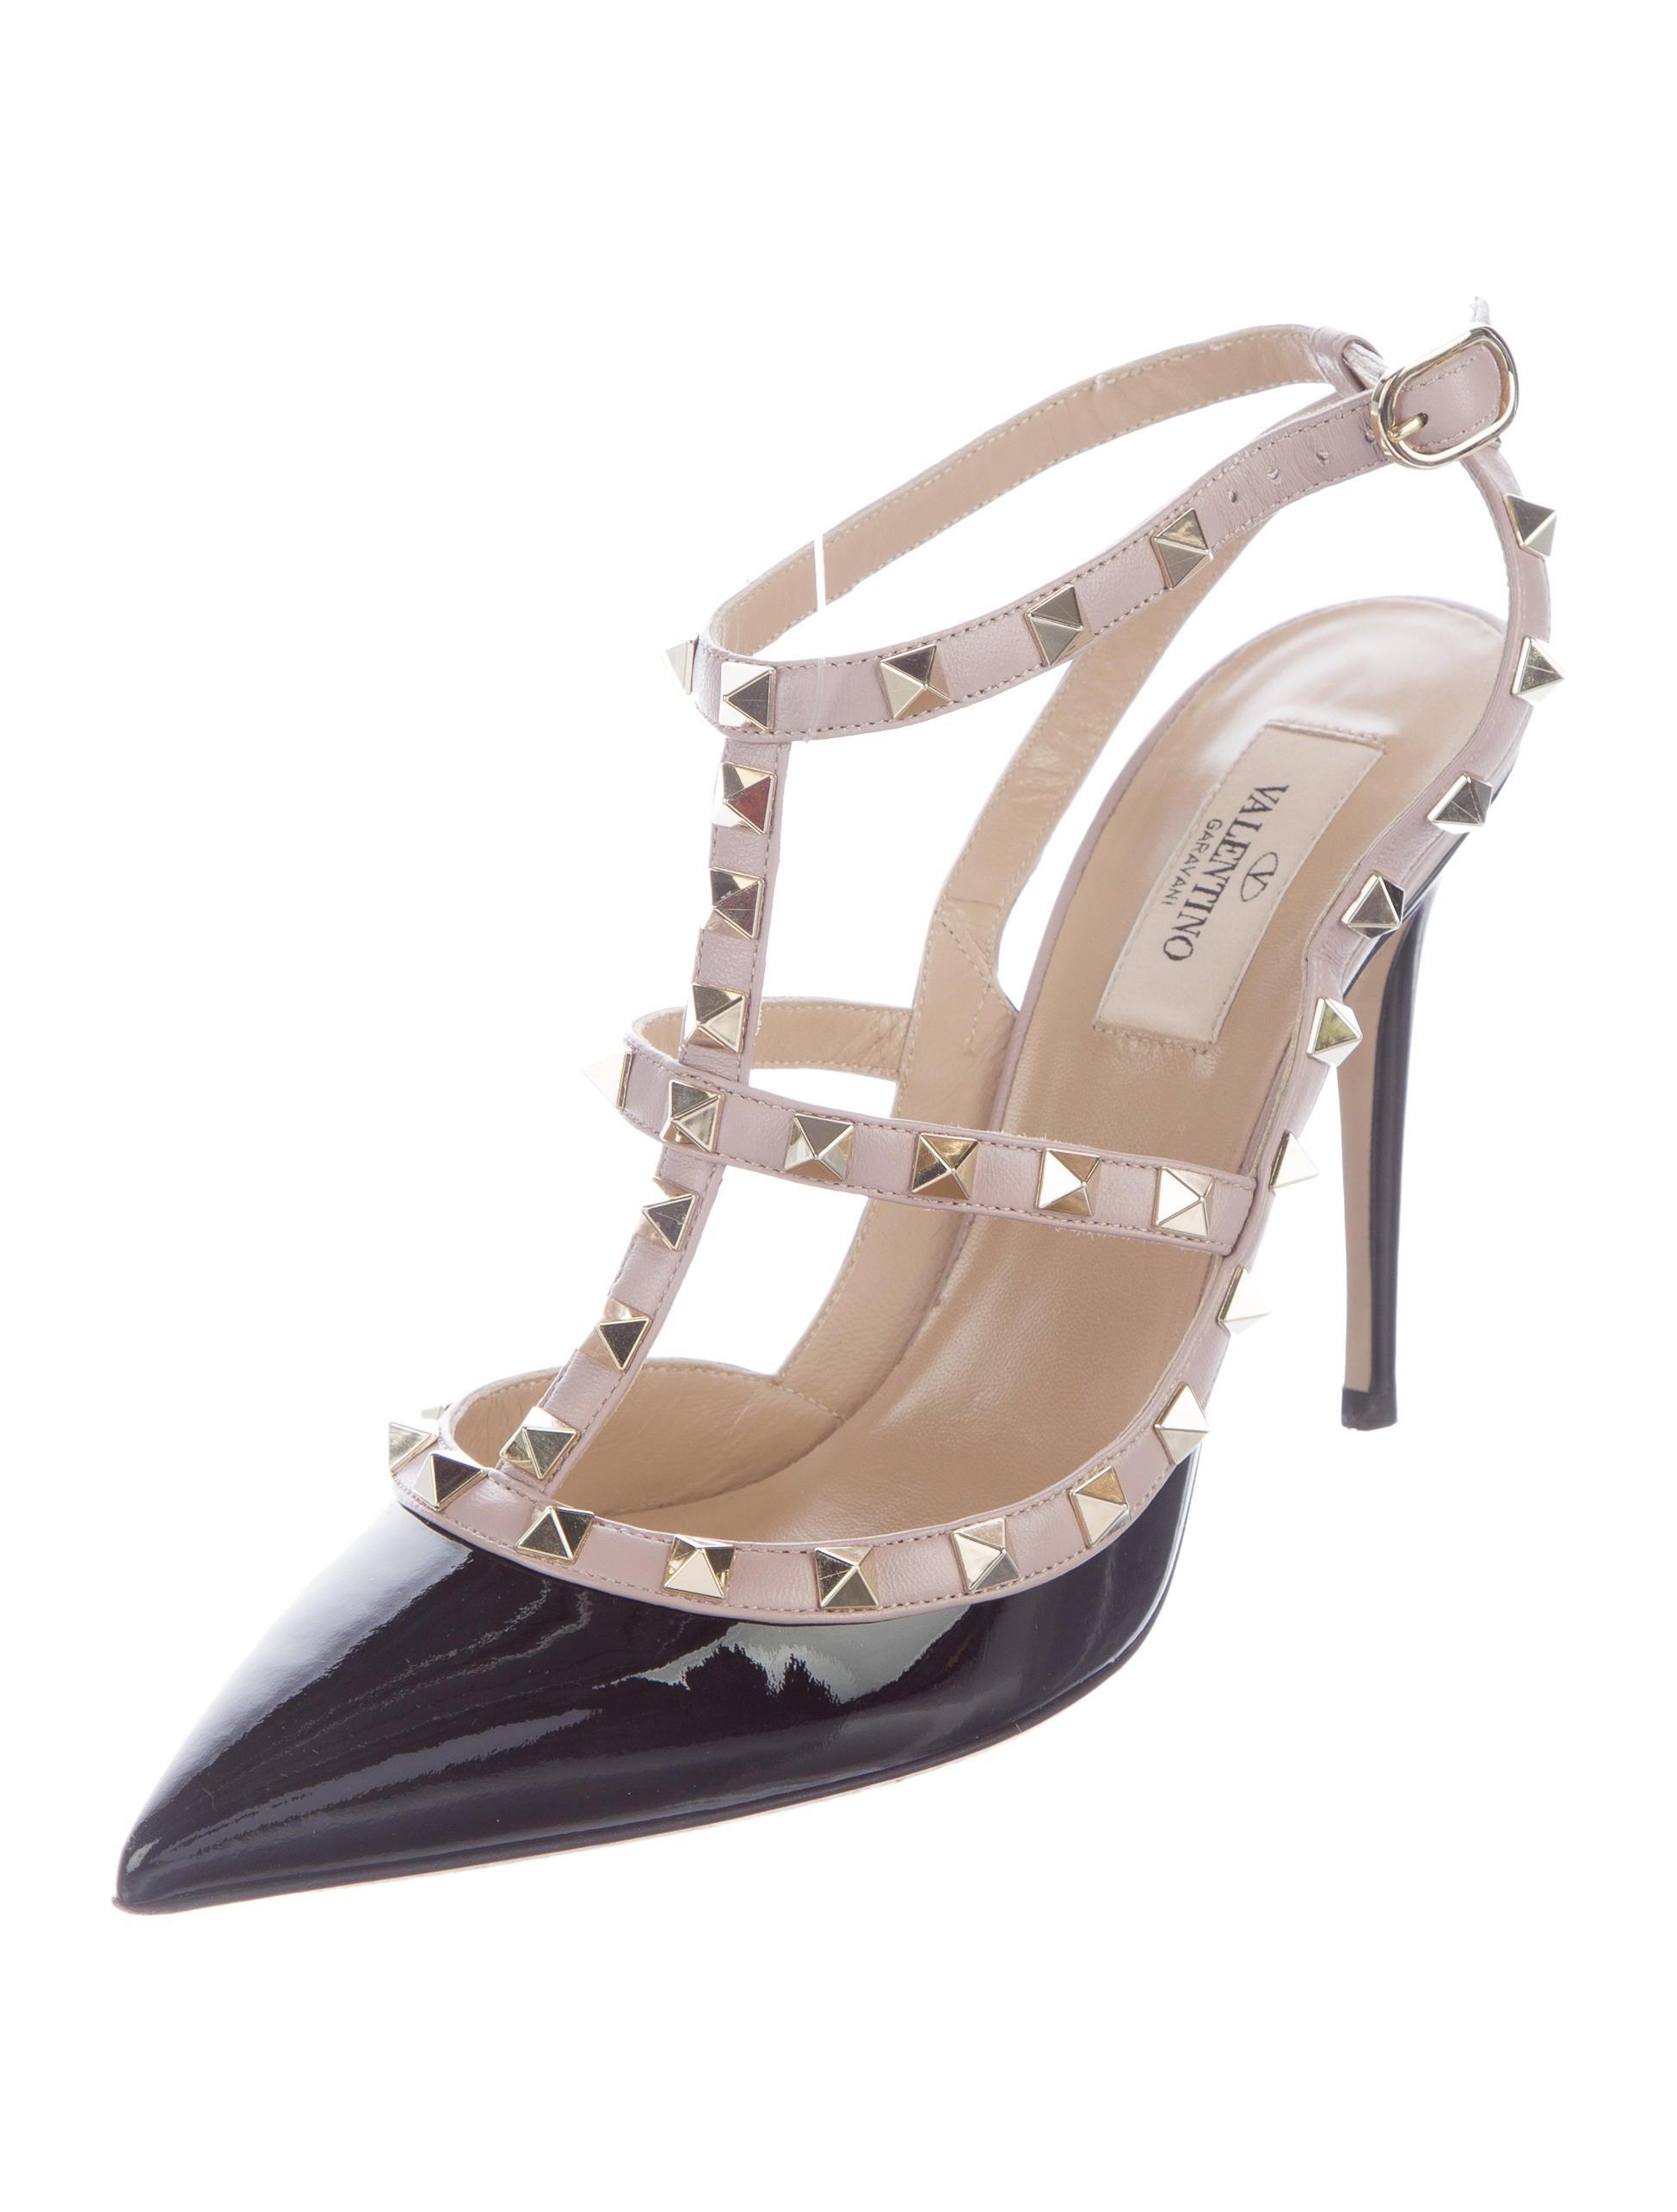 valentino rockstud ankle strap pumps shoes val69312. Black Bedroom Furniture Sets. Home Design Ideas